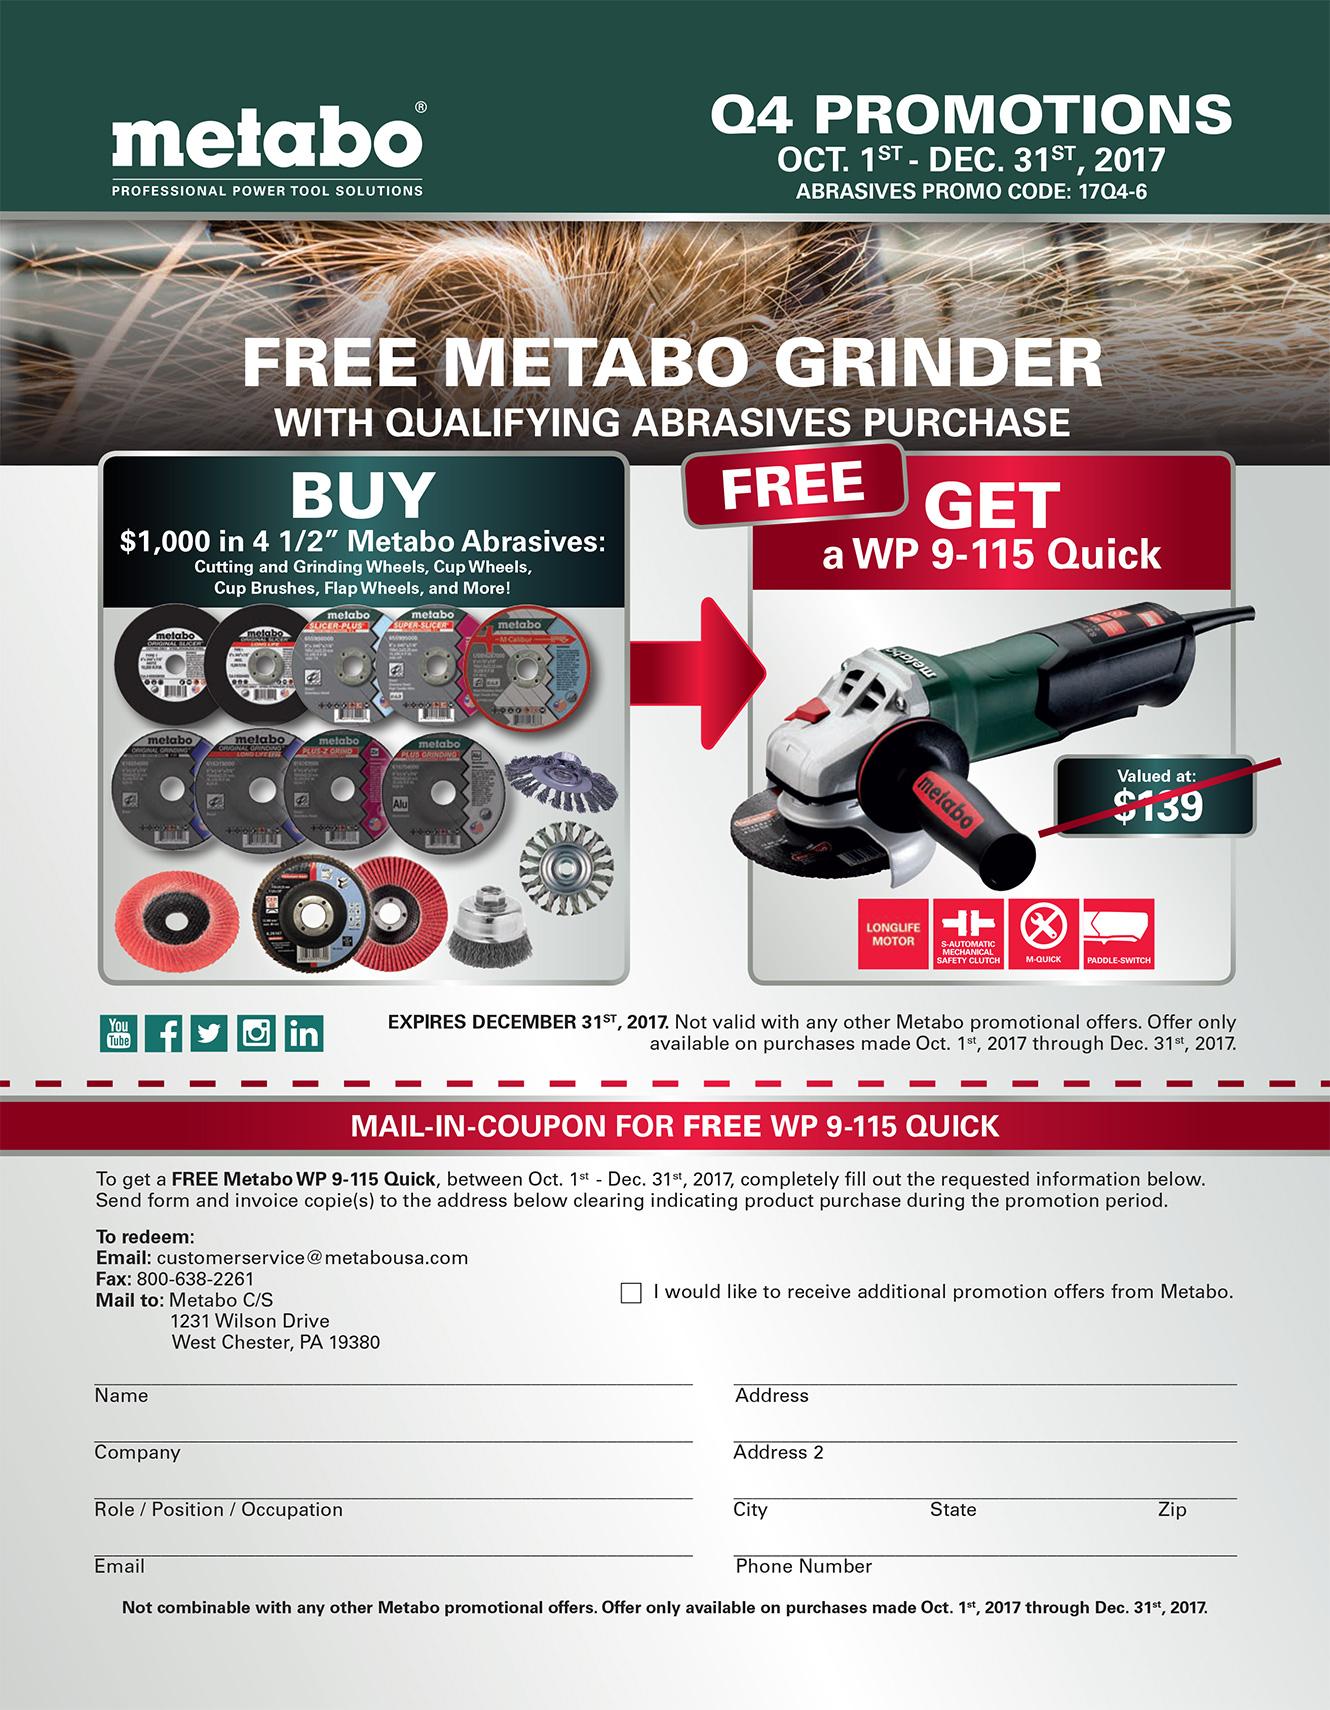 Metabo Grinder Promotion Image